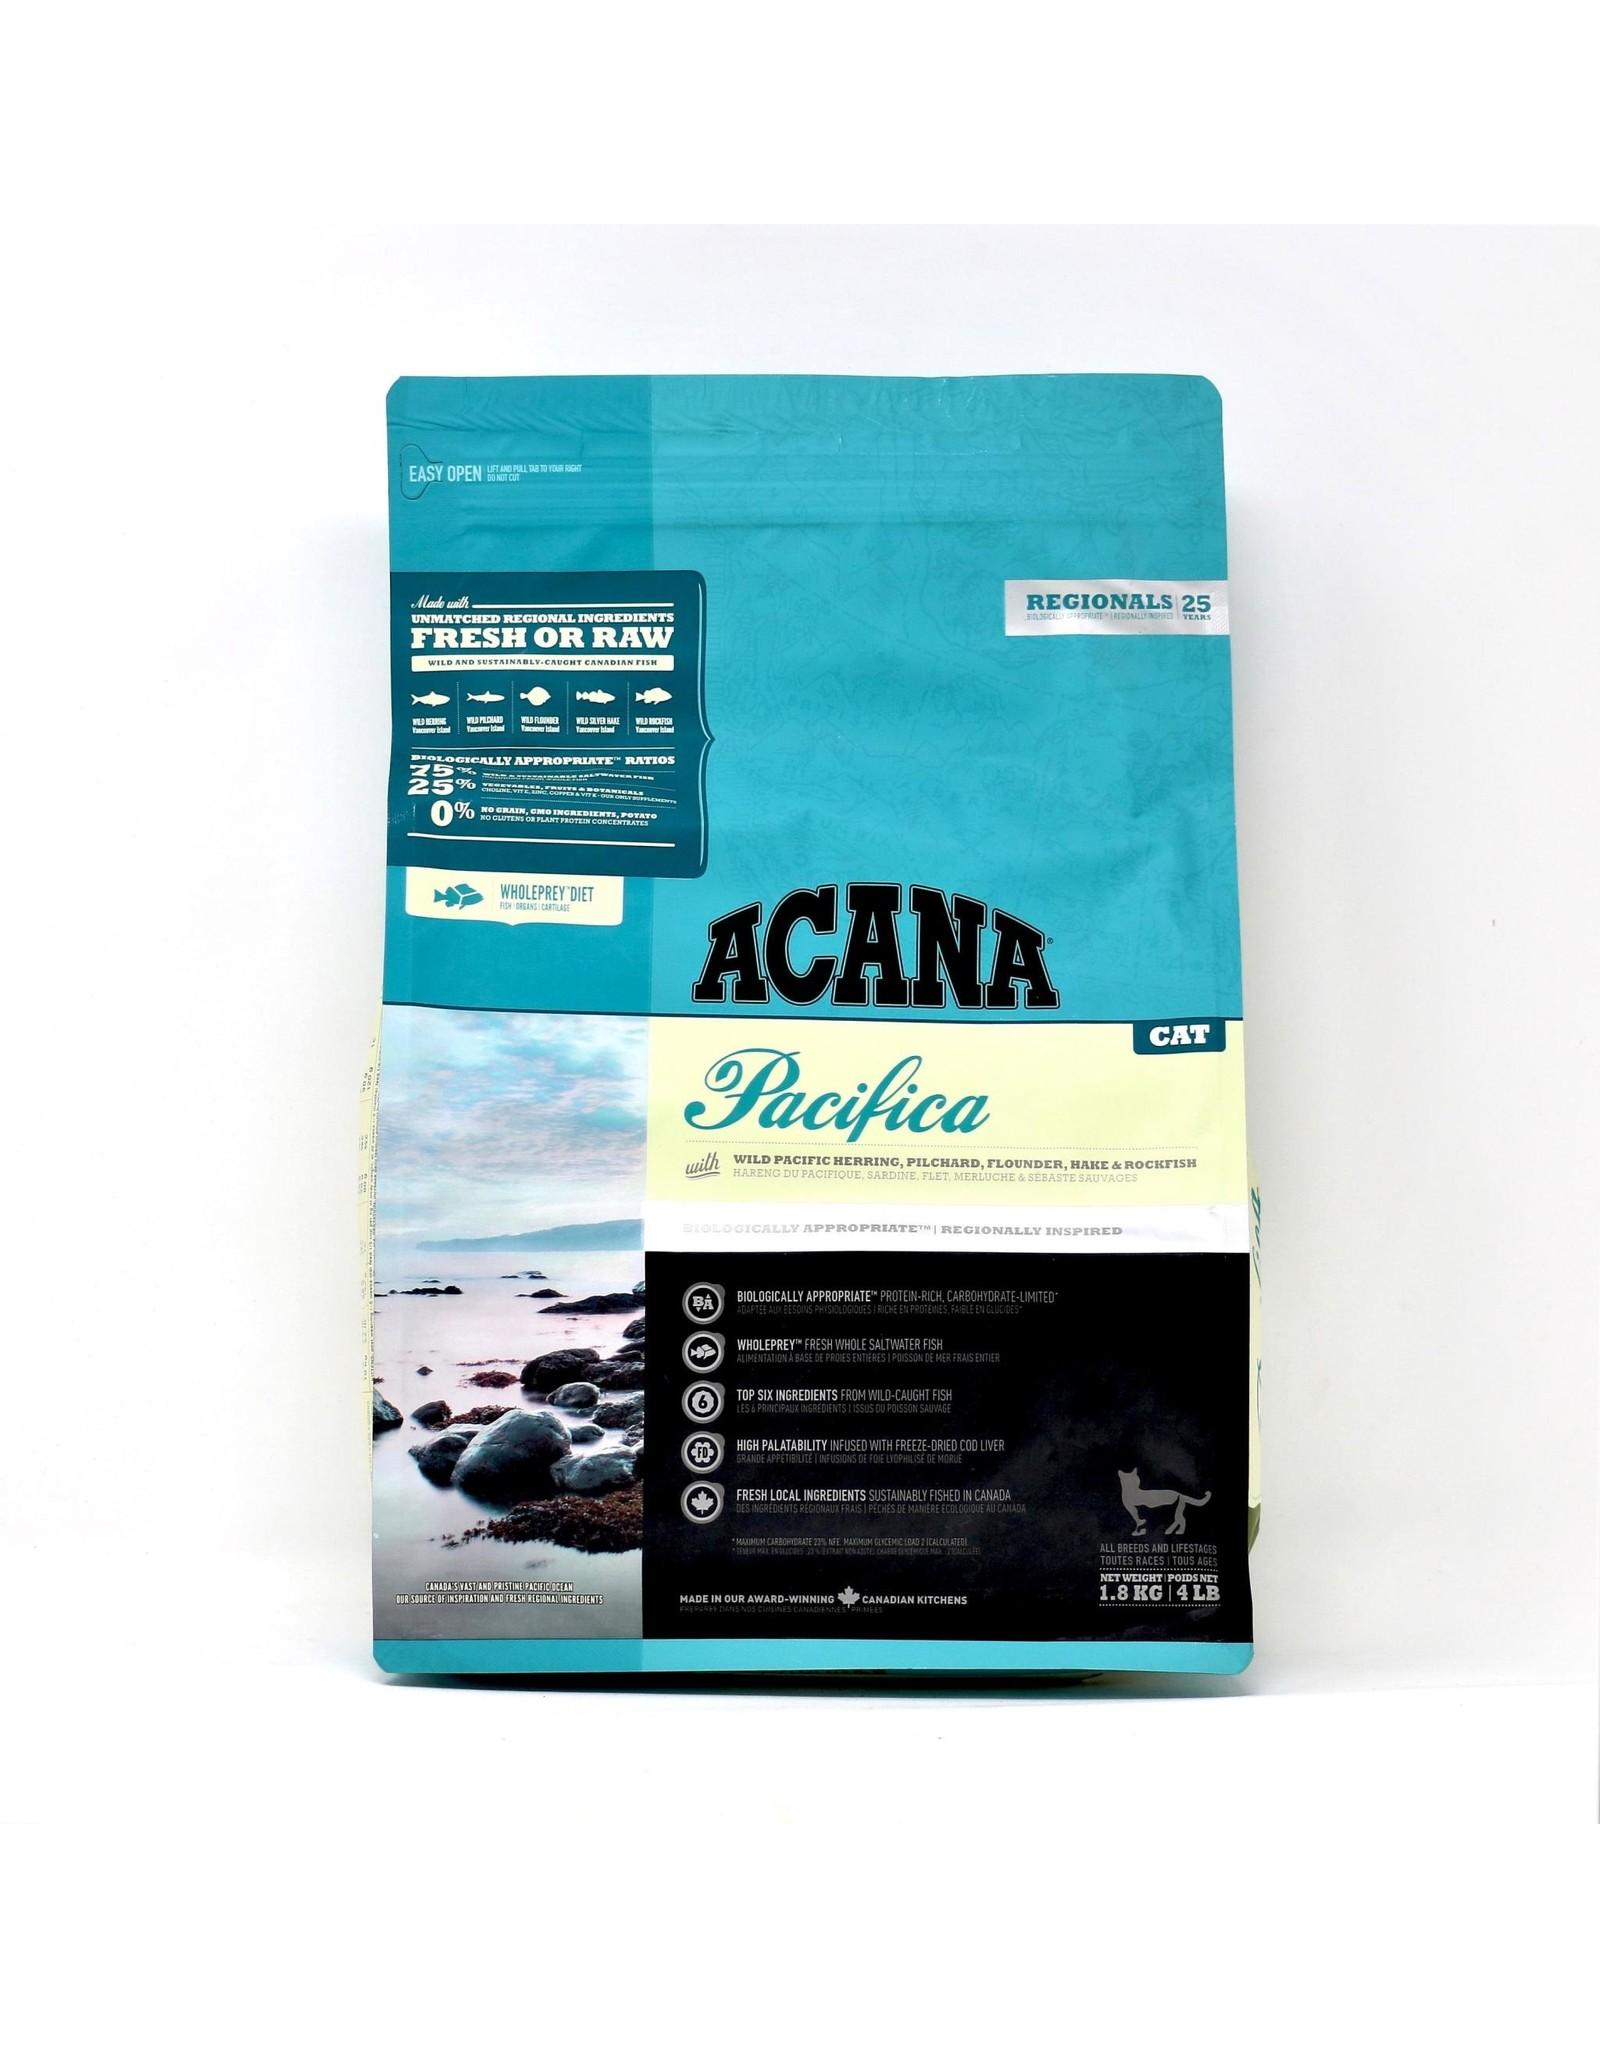 ACANA Acana CAT Regionals - Pacifica 1.8kg